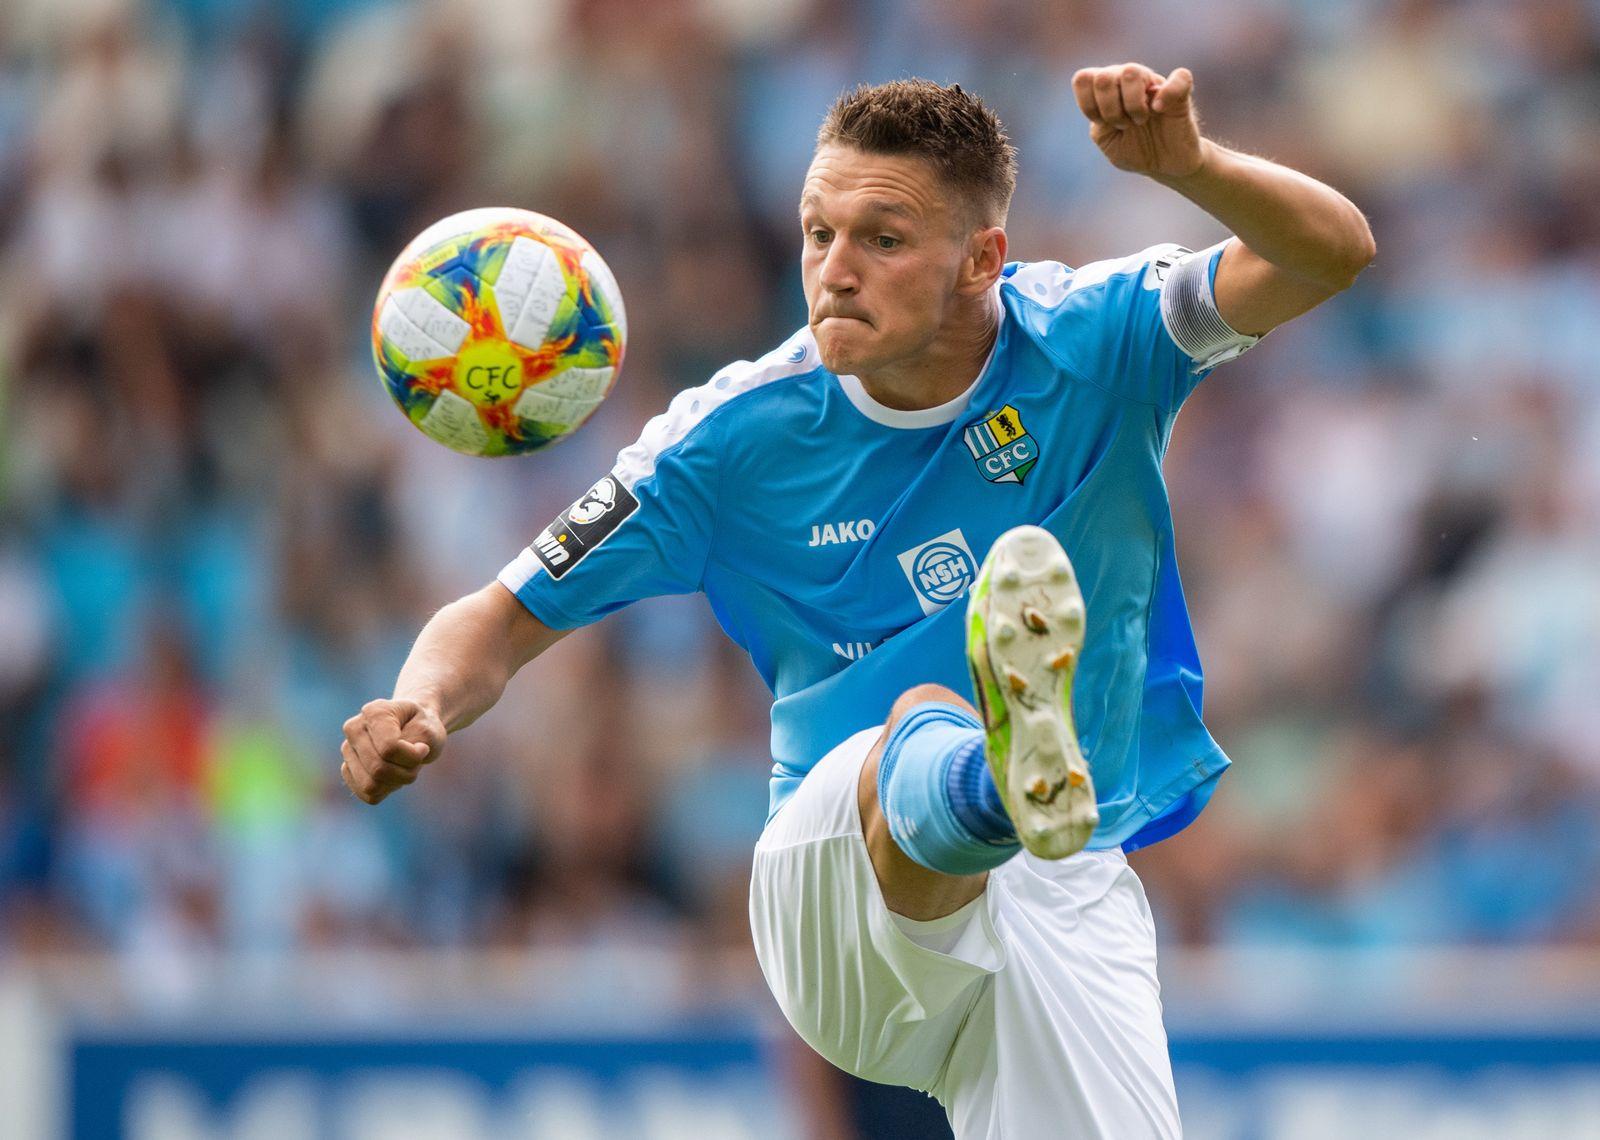 Chemnitzer FC wirft Kapitän Frahn wegen Nähe zu Rechten raus